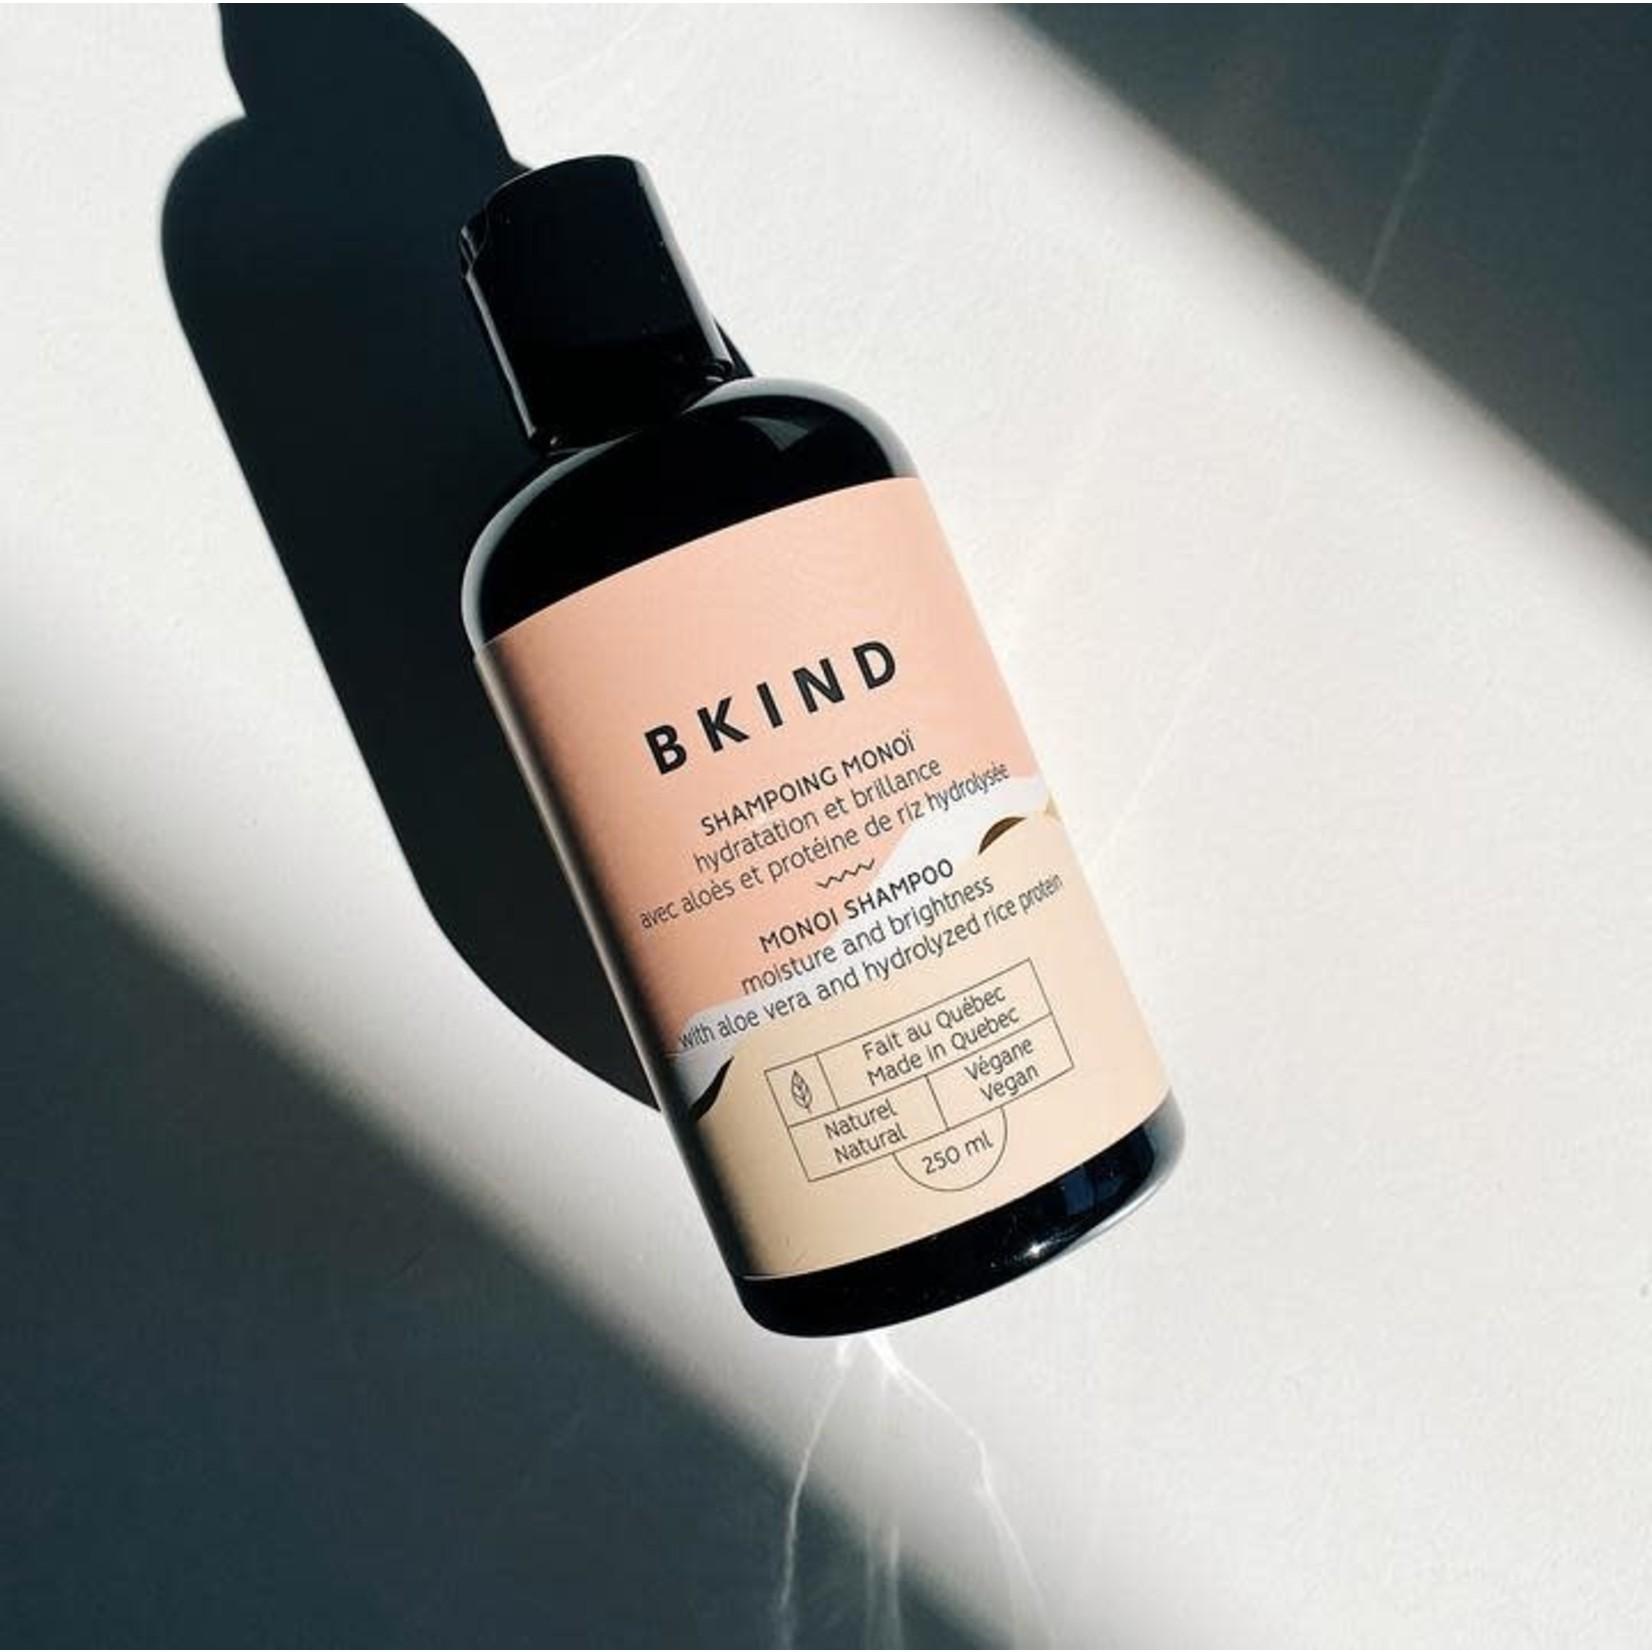 BKIND BKIND - Shampoing Monoï / Hydratation et brillance